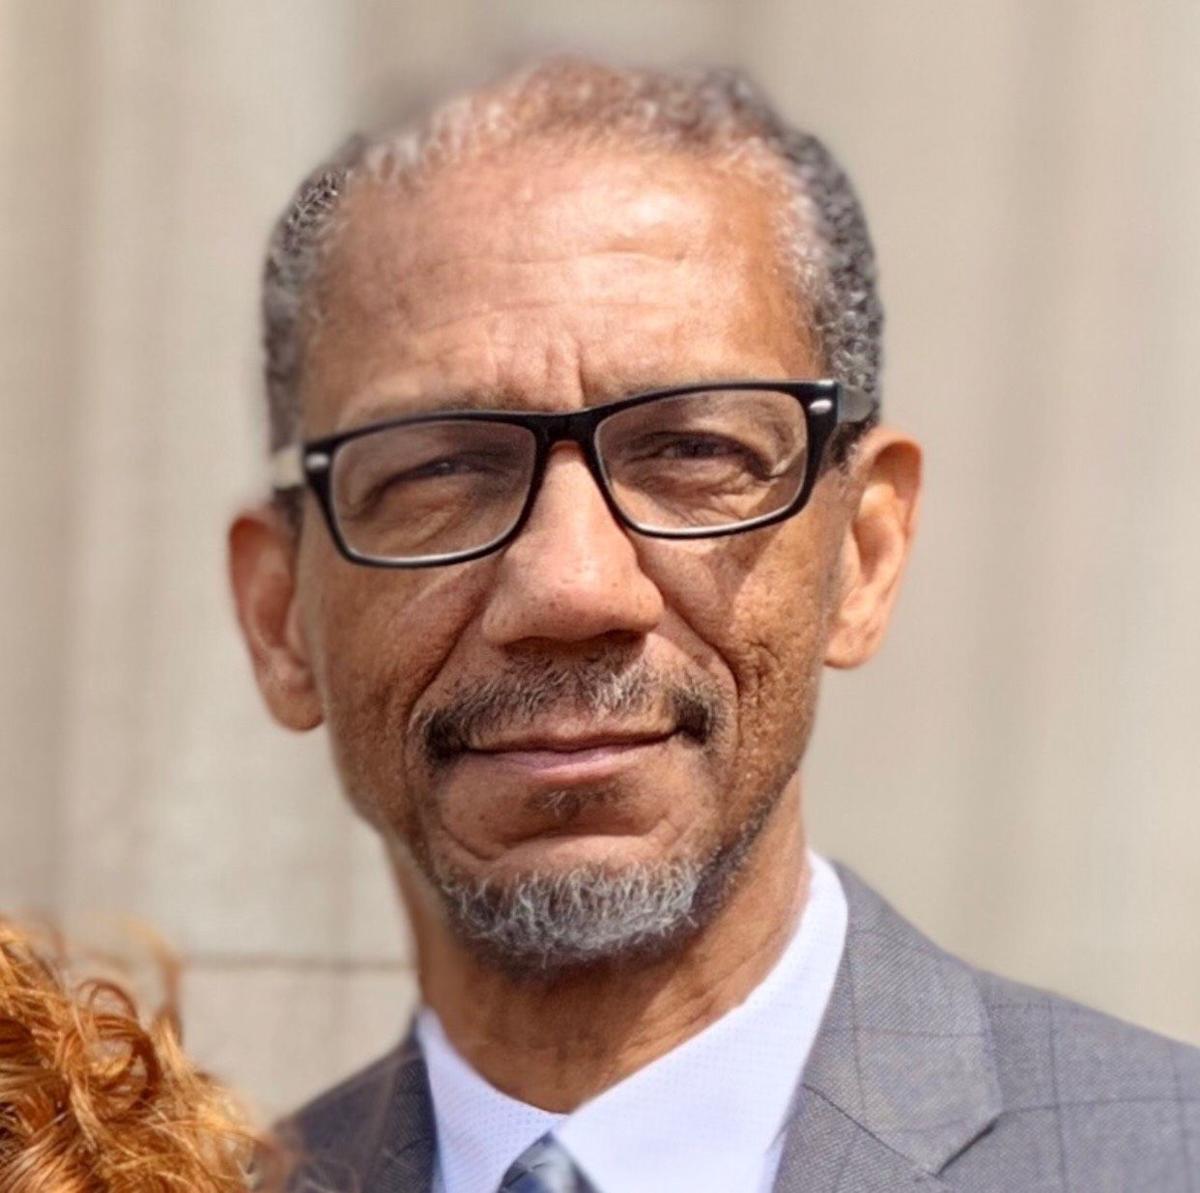 Rev. Darryl Gray